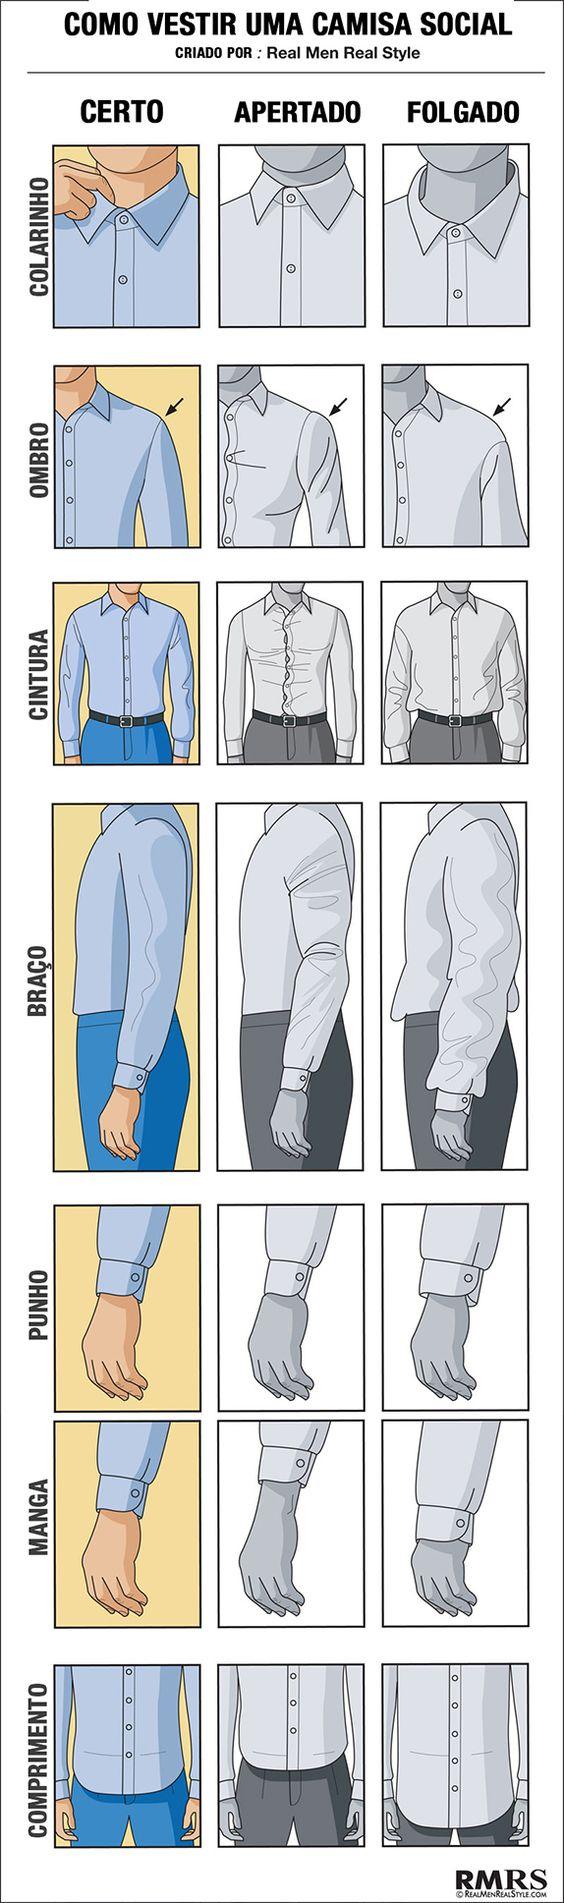 Como vestir uma camisa #estilo #modamasculina #camisa: